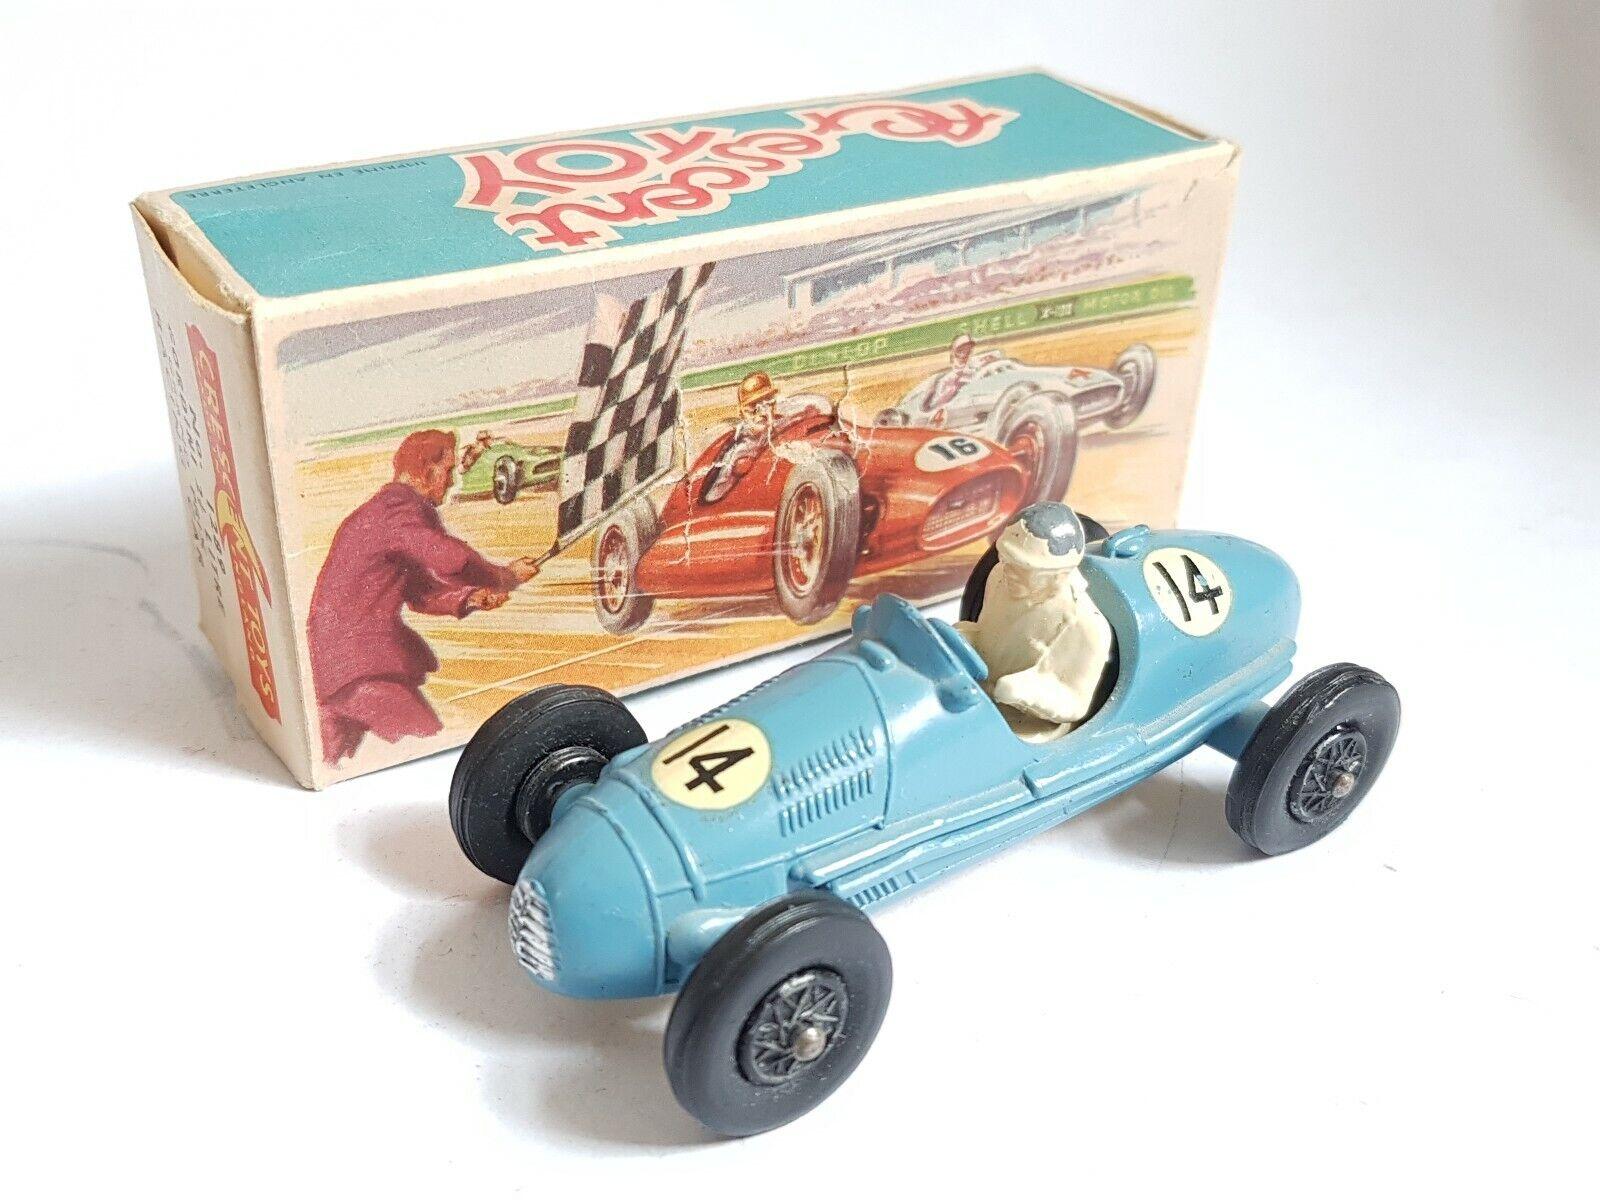 Crescent Toys  1289 Gordini 2.5 Litre Grand Prix Racing voiture boxed excellent 1958  très populaire